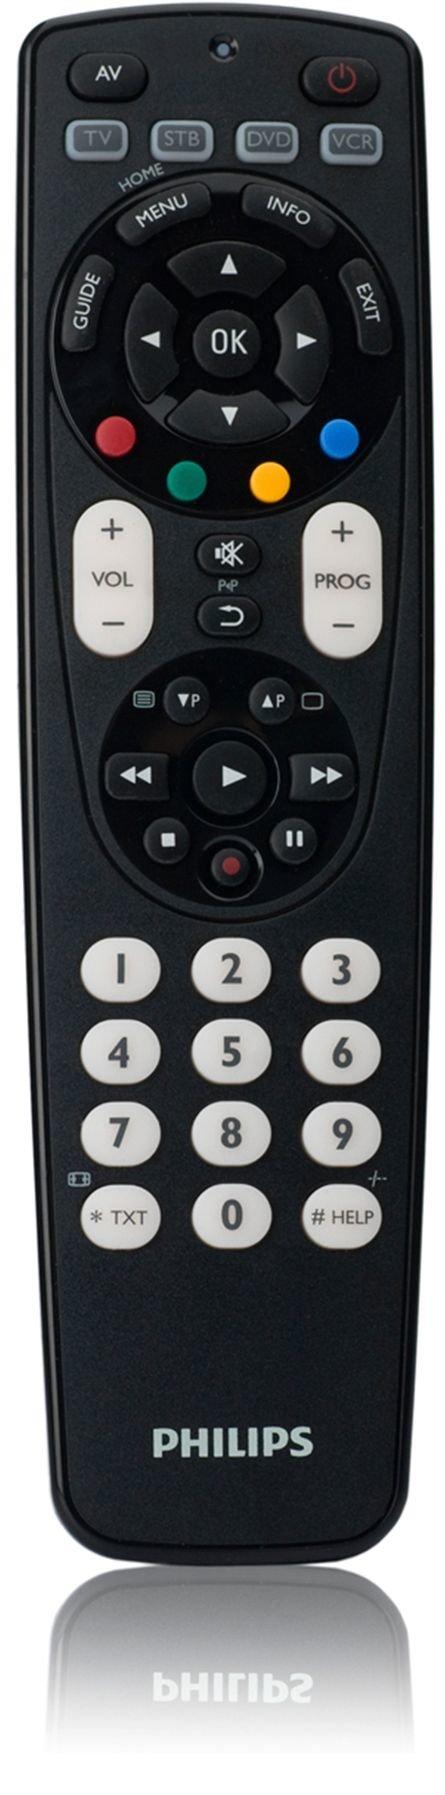 Philips SRP4004/87 - Mando a distancia universal (4 en 1, antichoque, botónes de retroiluminación), negro: Amazon.es: Electrónica